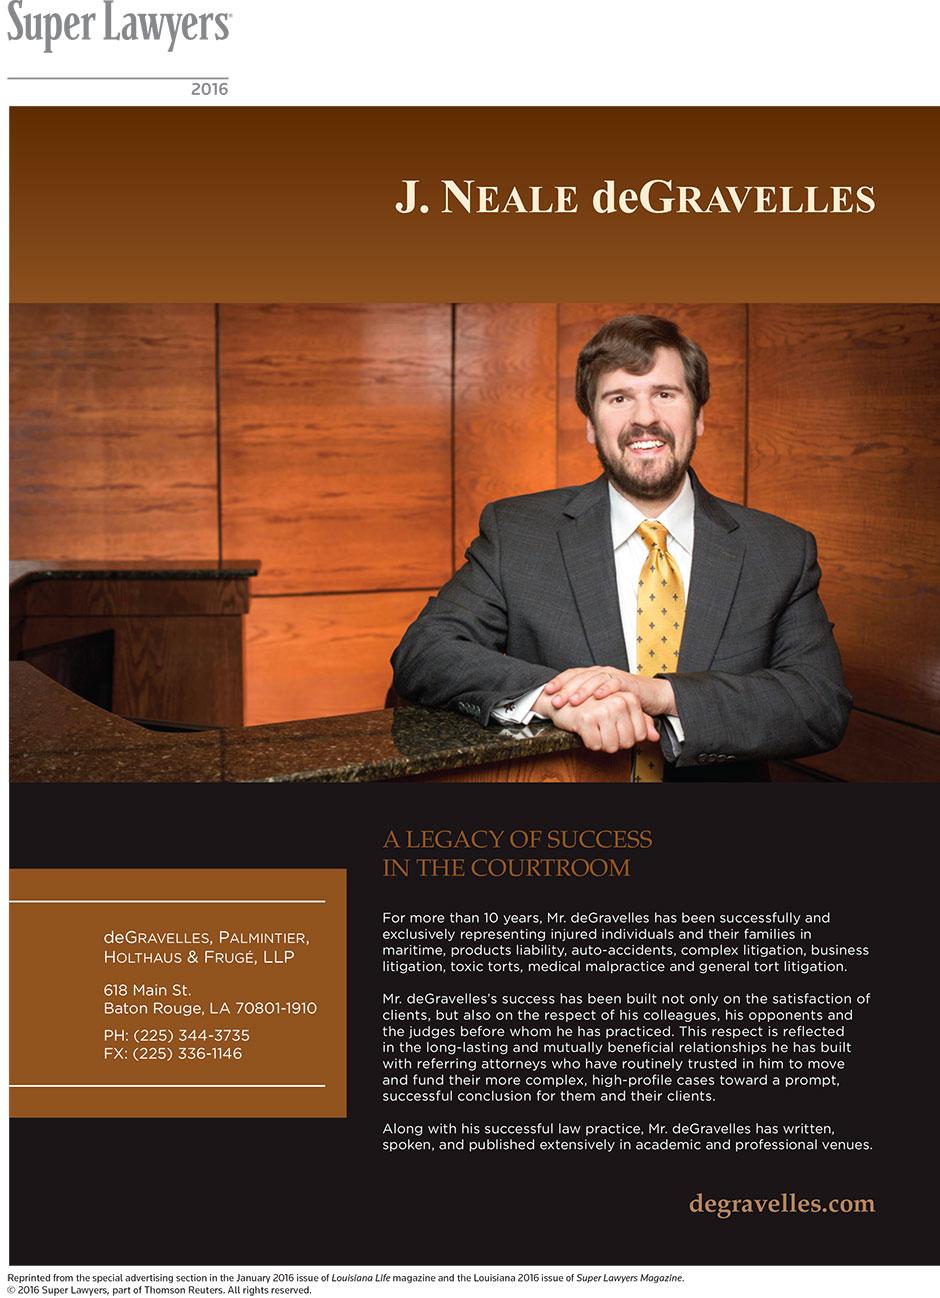 J. Neale deGravelles